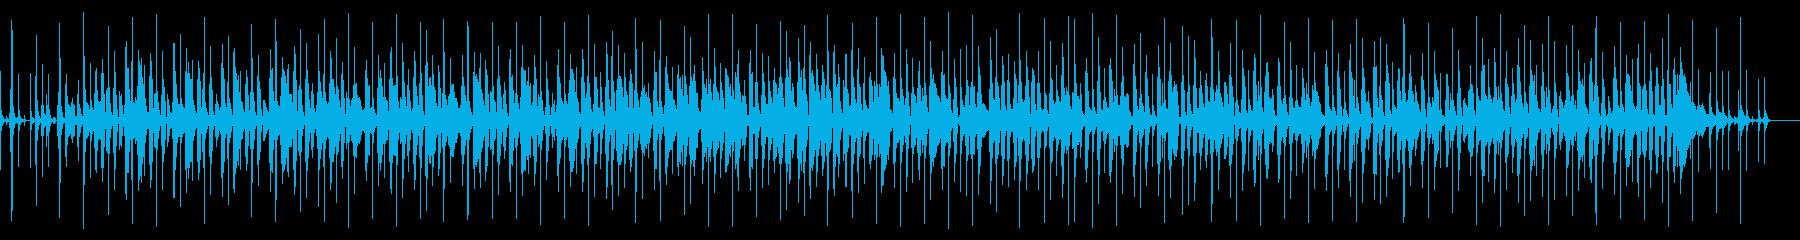 アコースティックなレゲエポップスの再生済みの波形